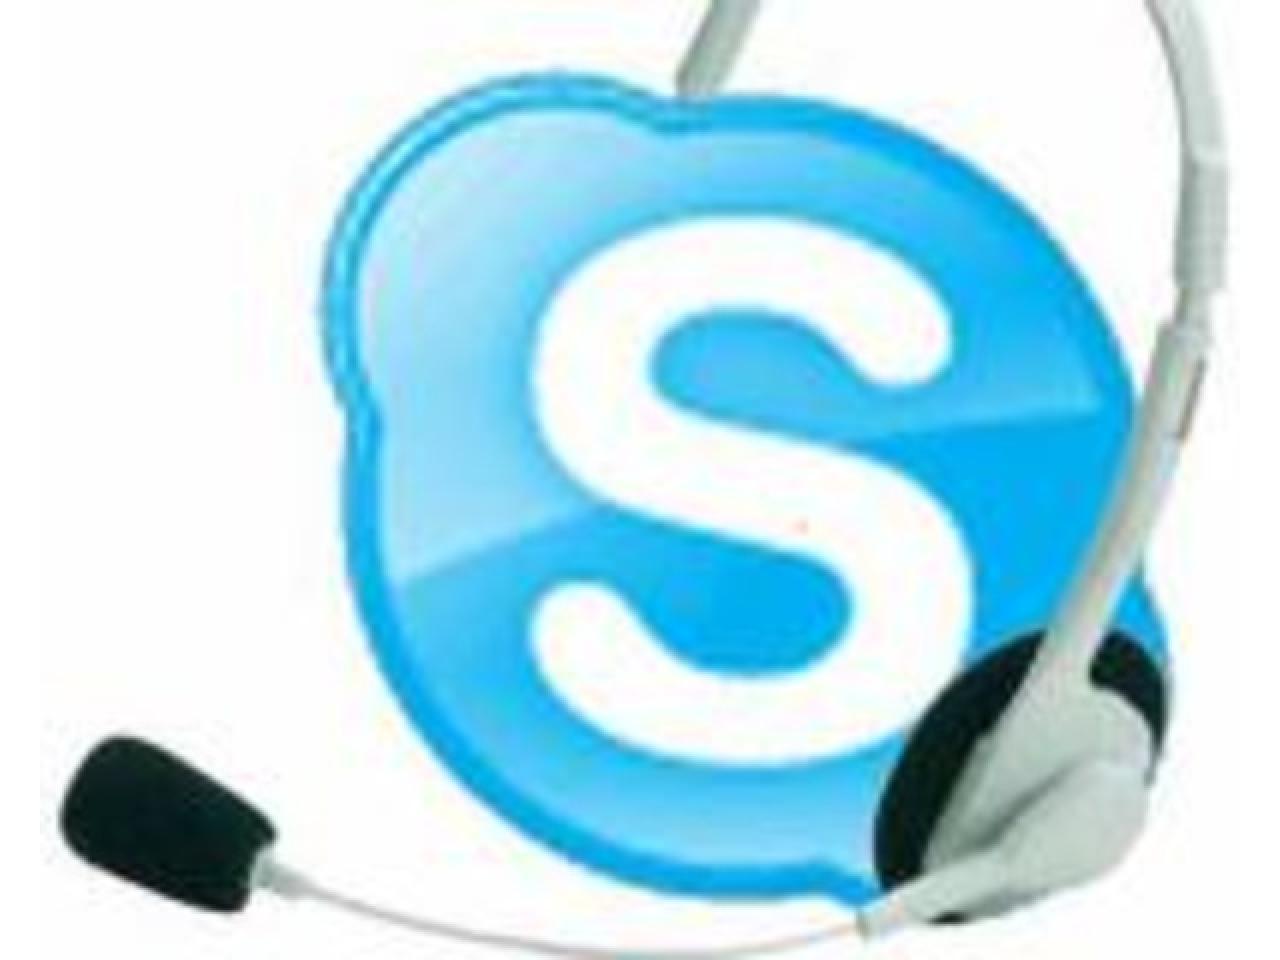 Психотерапия по Skype и Whats App для русскоговорящих иммигрантов - 2